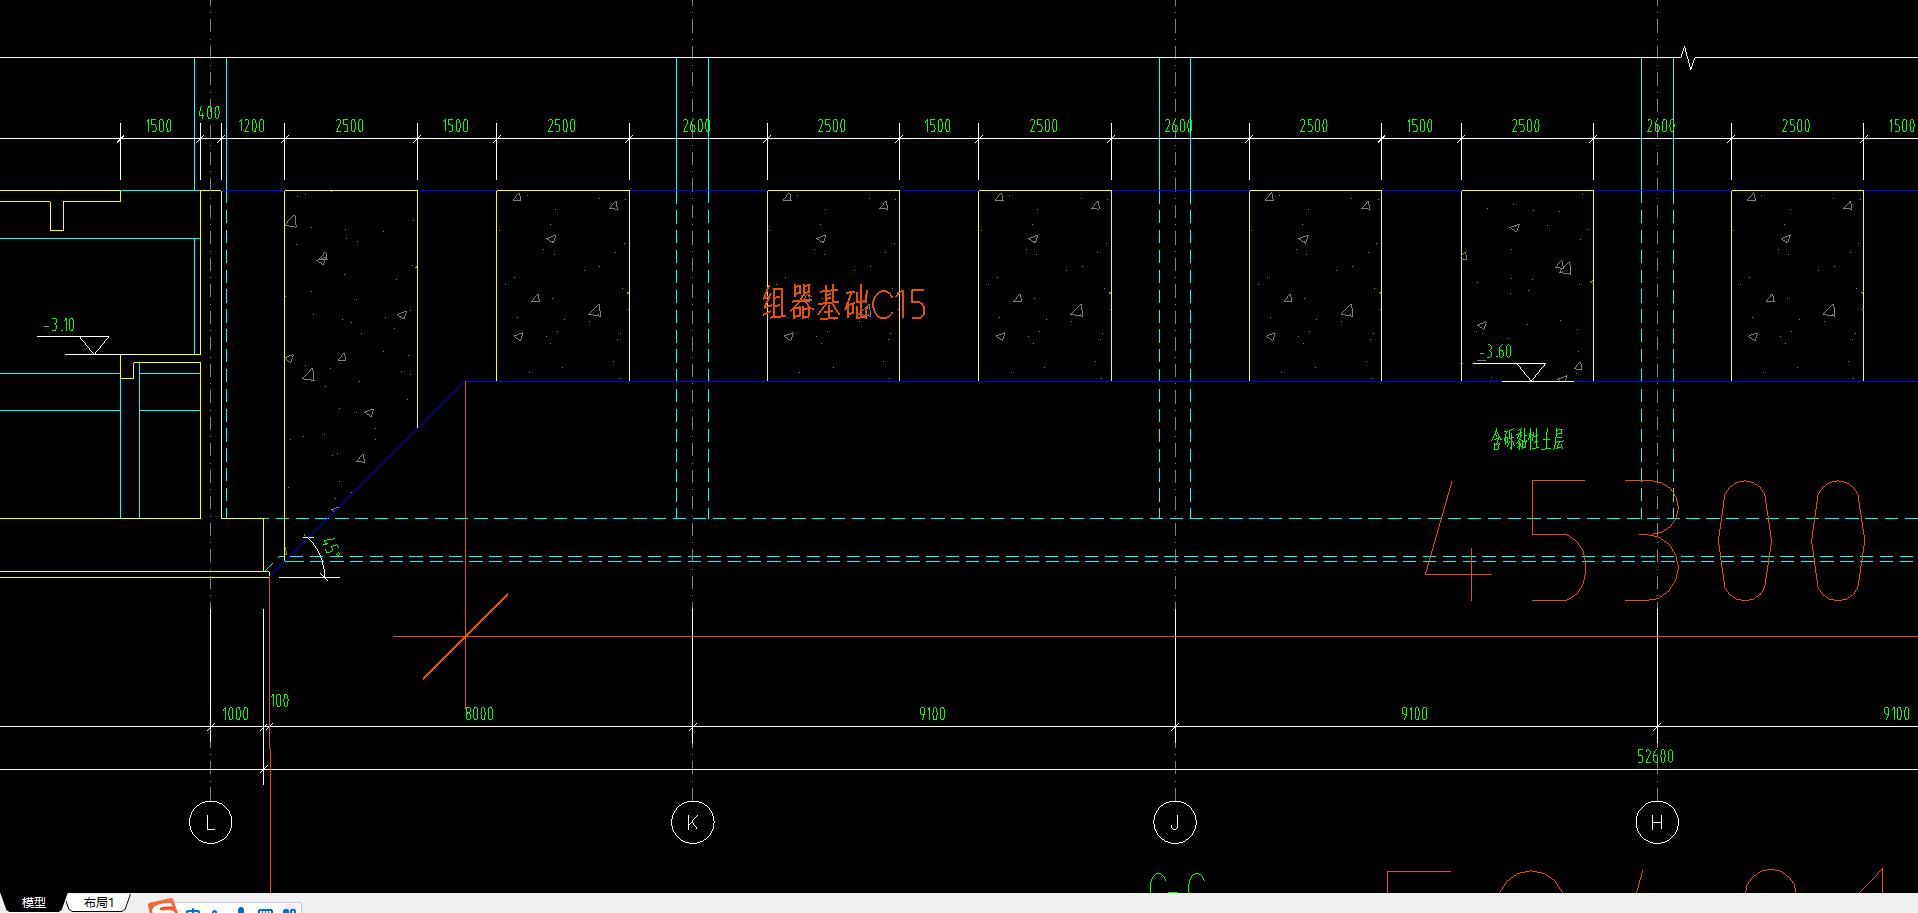 土建,广西壮族自治区,答疑:截图这个组器基础用软件如何布置?-广西壮族自治区土建,